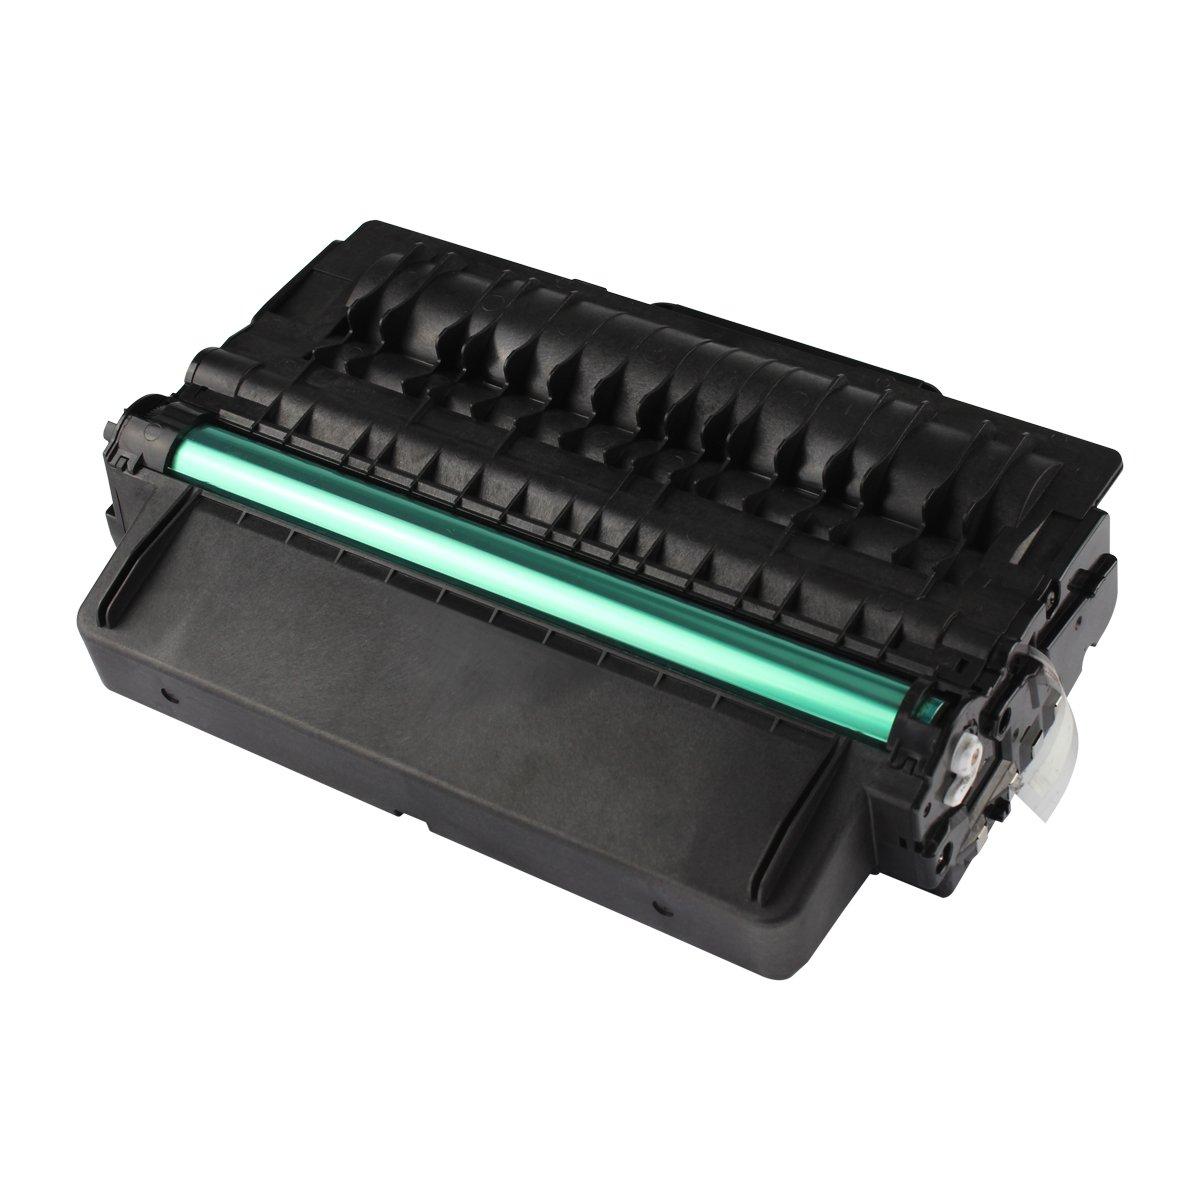 Catch suministros de repuesto 593-BBBJ negro negro 593-BBBJ Laser Cartuchos de tóner para el Dell B2375 serie |10,000 yield| Compatible con las impresoras Dell B2375dnf B2375dfw,, color negro 2 unidades 30c144